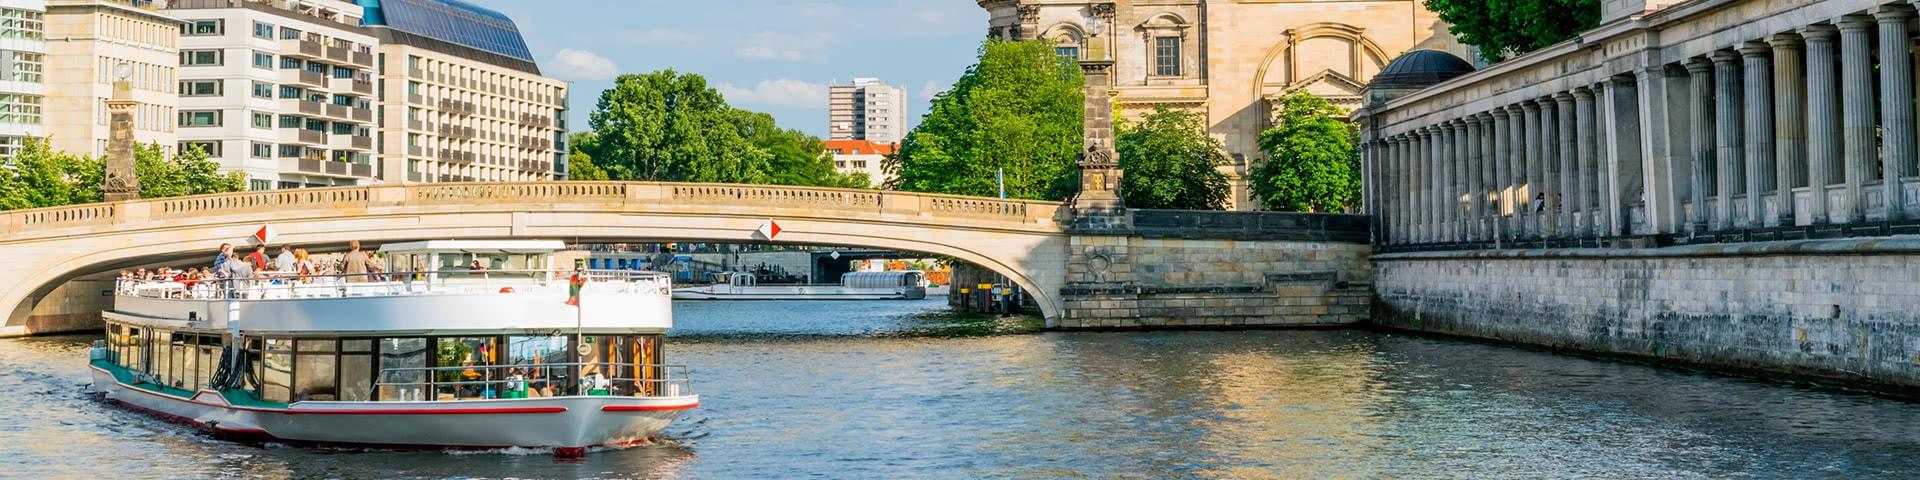 Schiff auf der Spree fährt am Berliner Dom vorbei